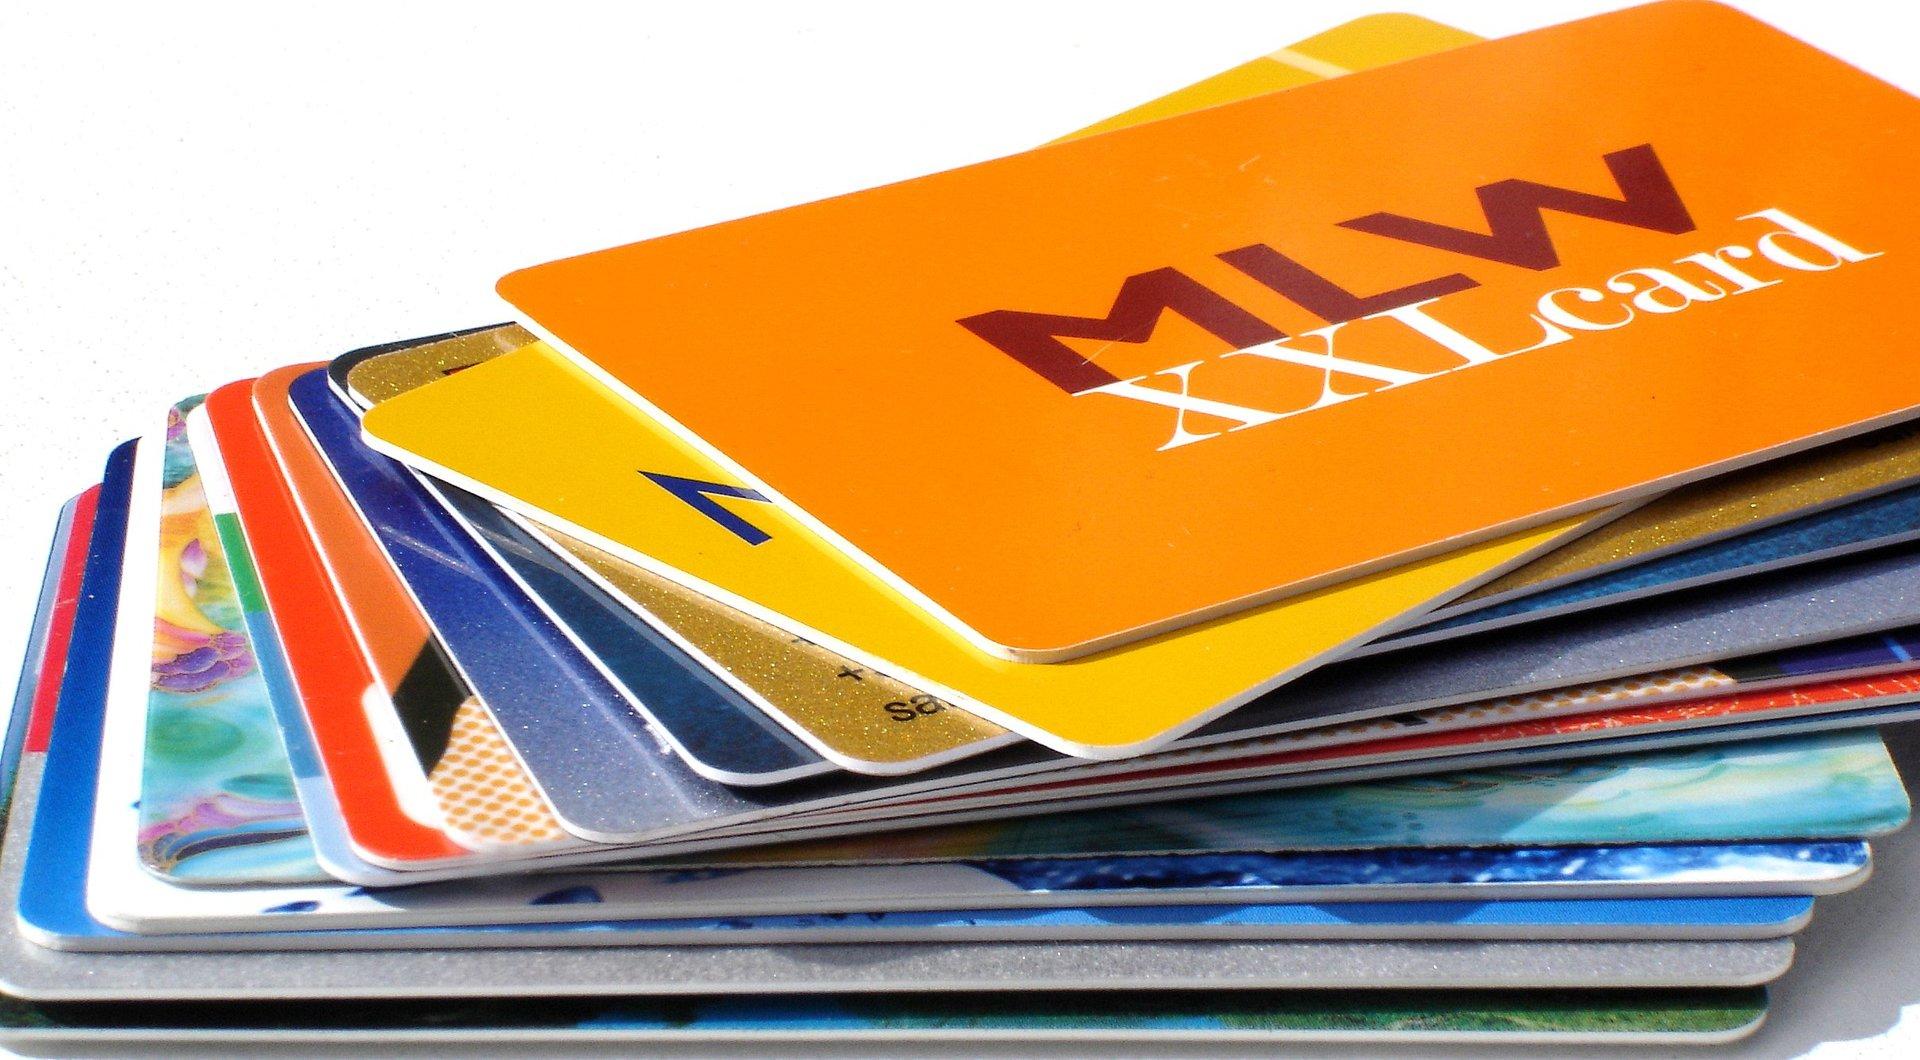 Kunststoffkarten, Plastikkarten